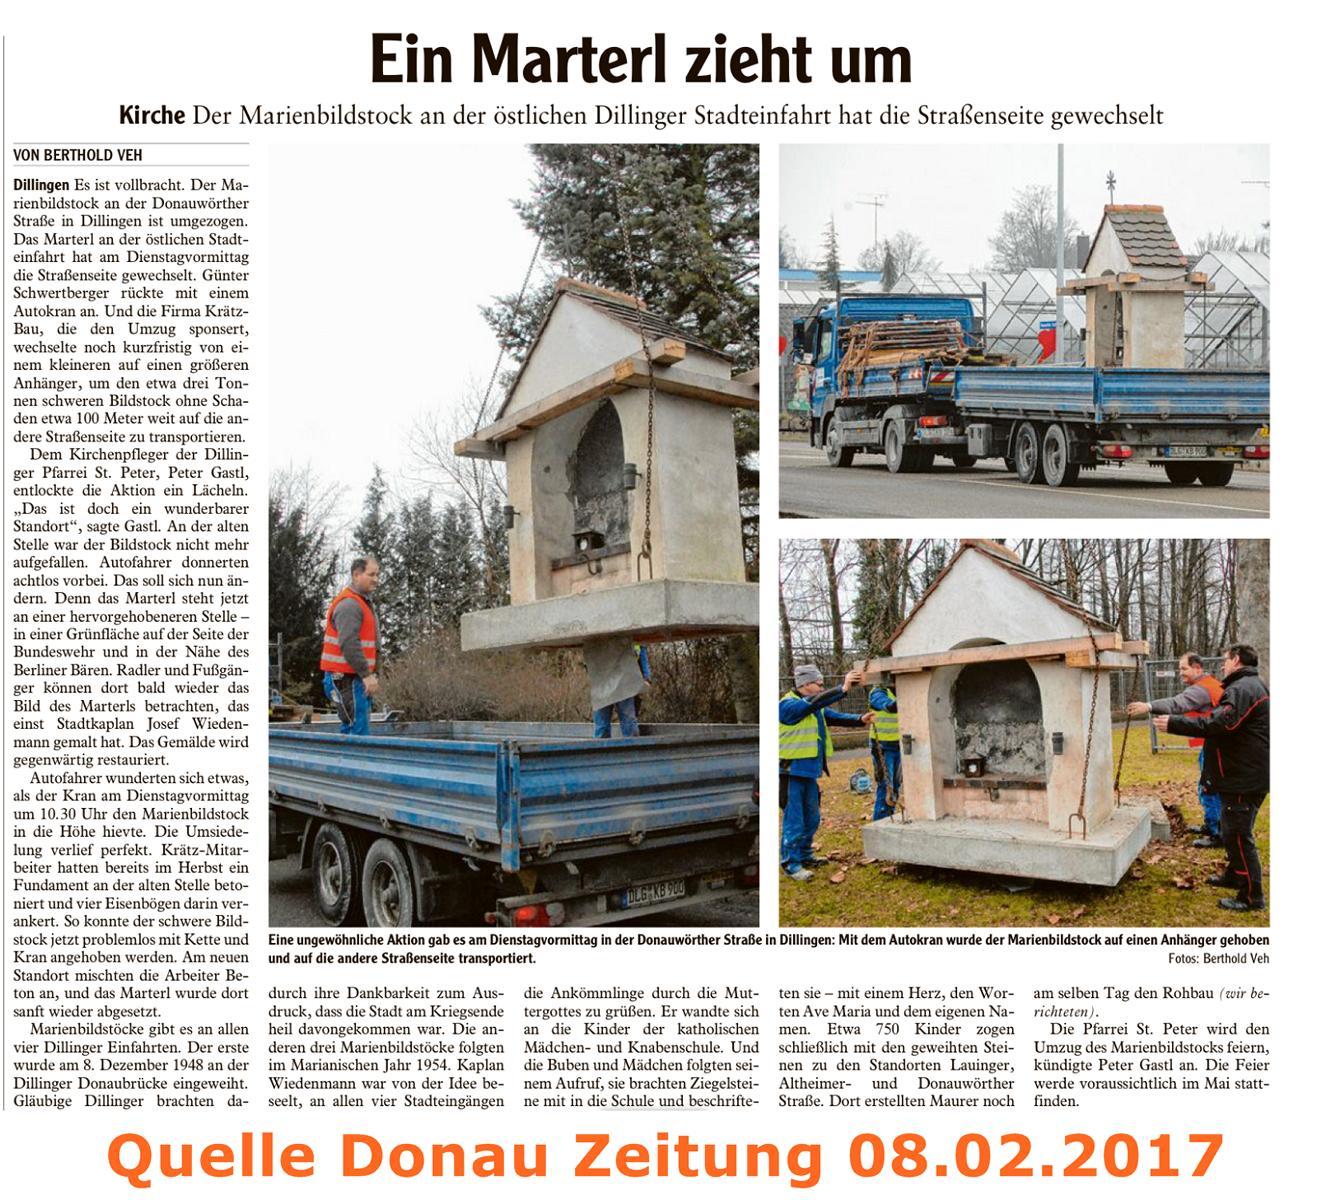 """Kranarbeiten """"Marterl zieht um"""""""